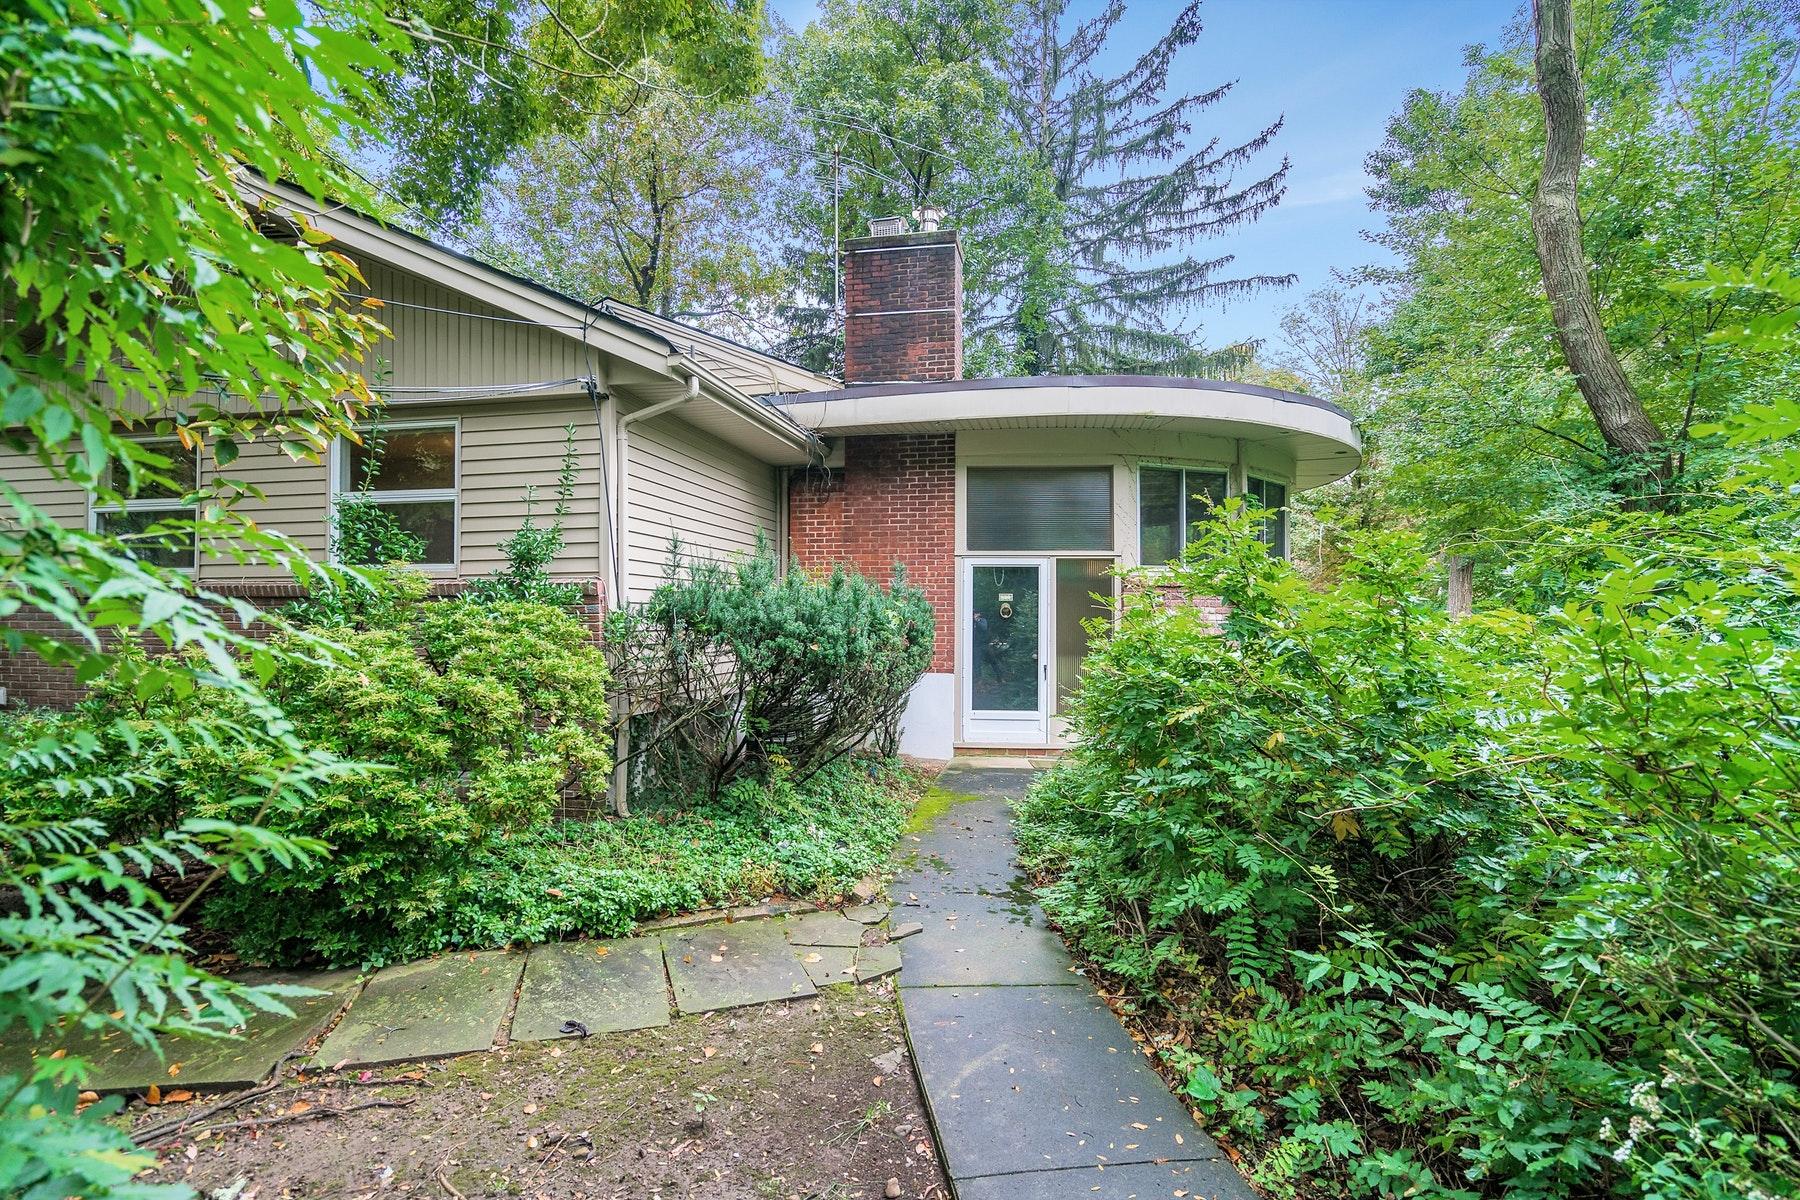 Частный односемейный дом для того Продажа на Expanded Raised Ranch On Lush Corner Property 285 Hardenburgh Avenue, Demarest, Нью-Джерси 07627 Соединенные Штаты